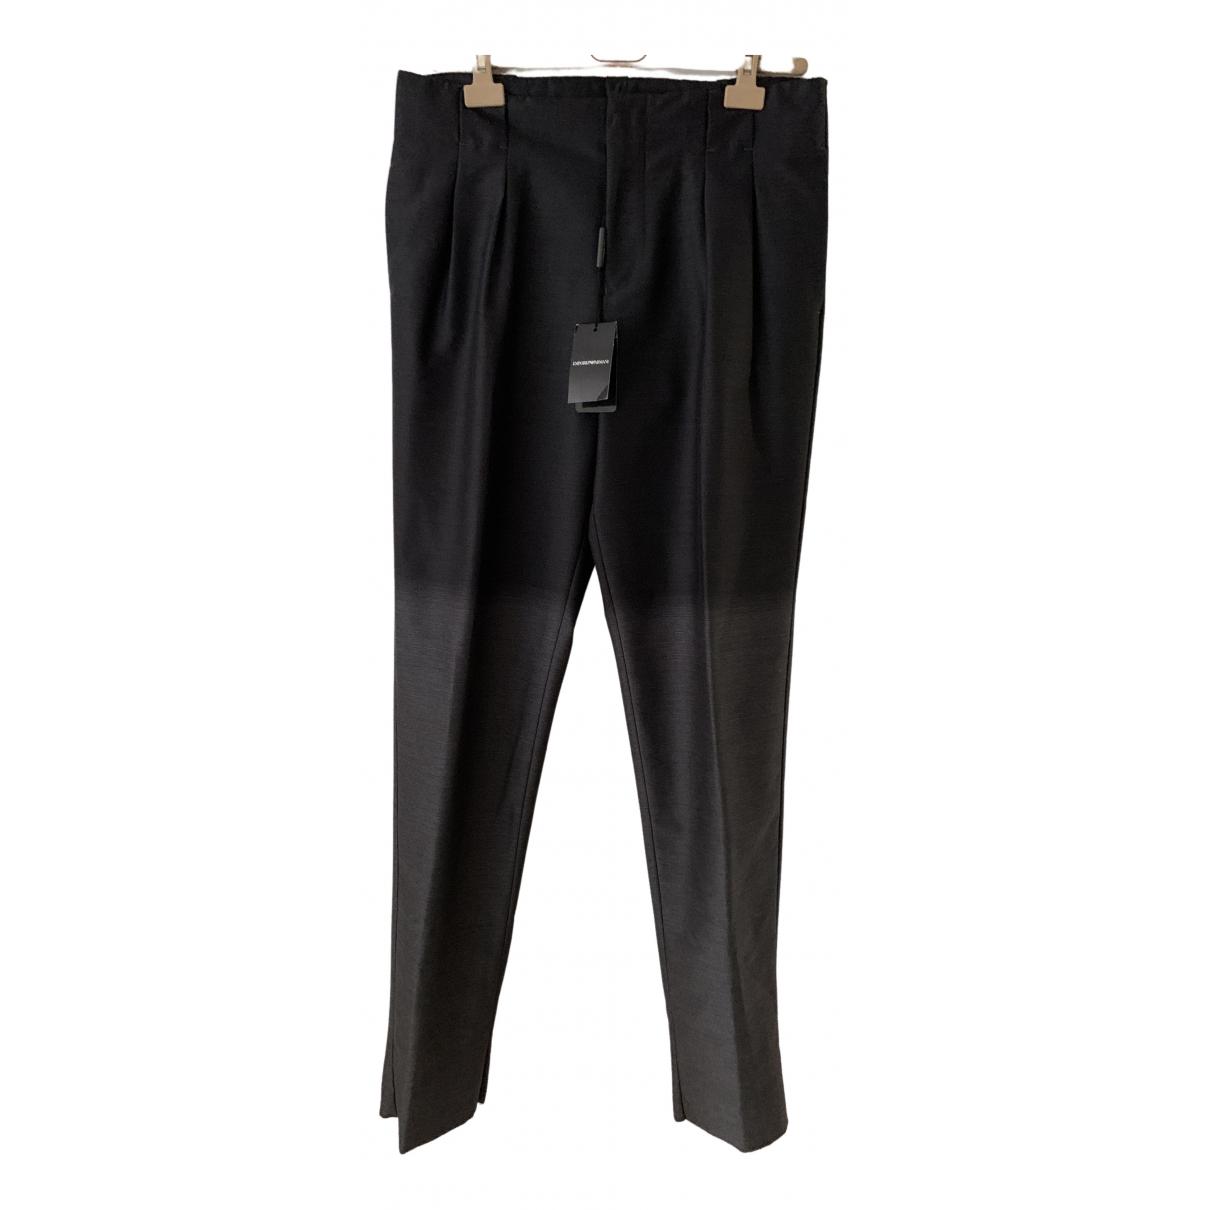 Pantalon de Lana Emporio Armani